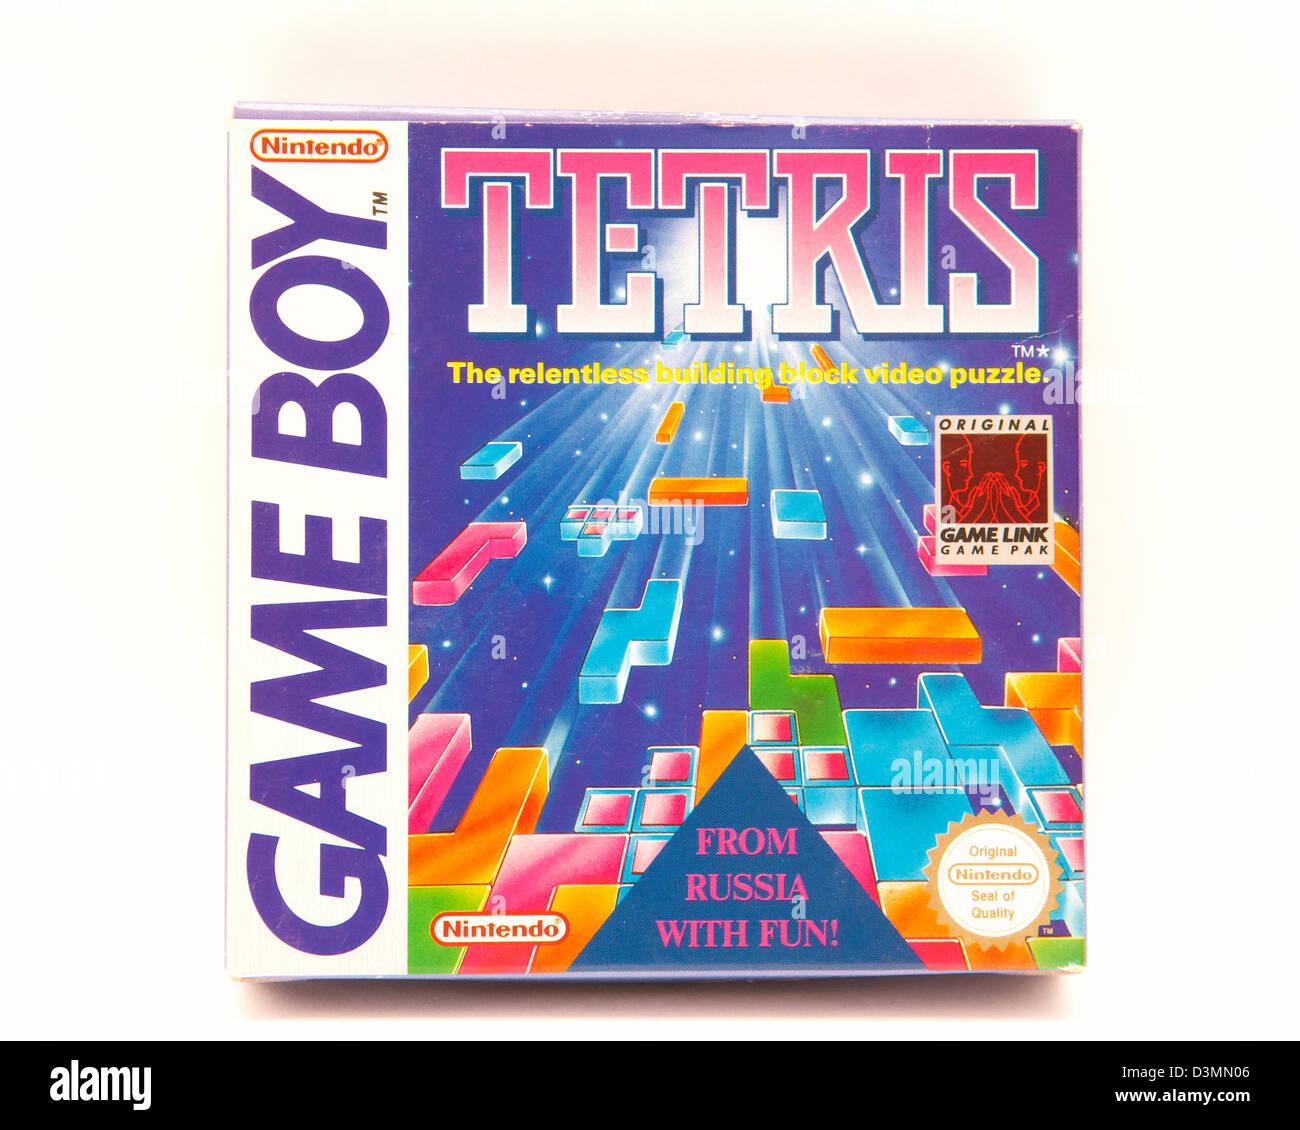 Nintendo Game Boy Tetris game box Photo Stock